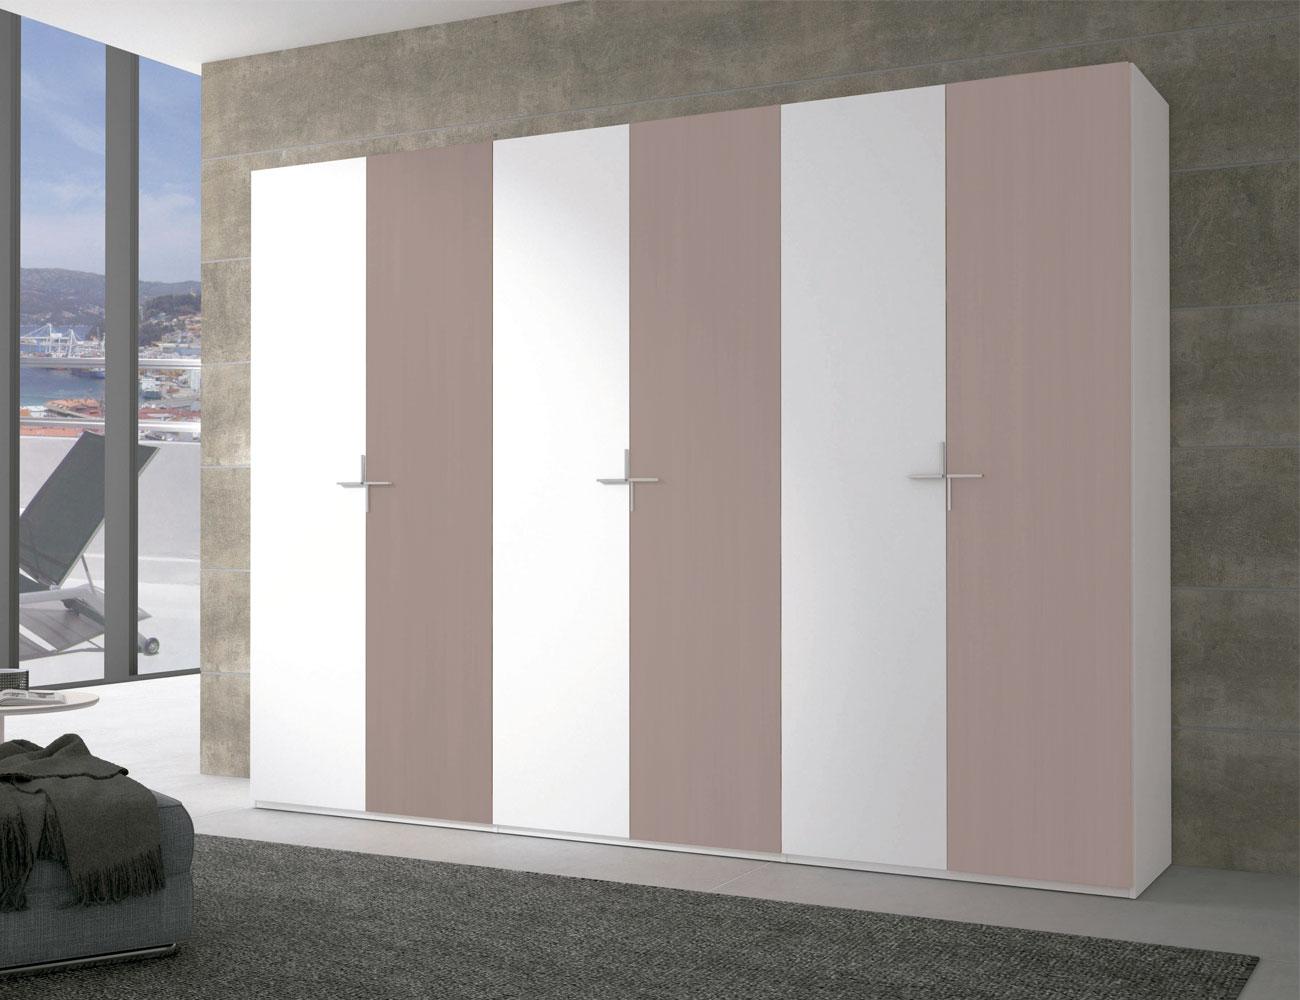 Armario puertas abatibles moka blanco4